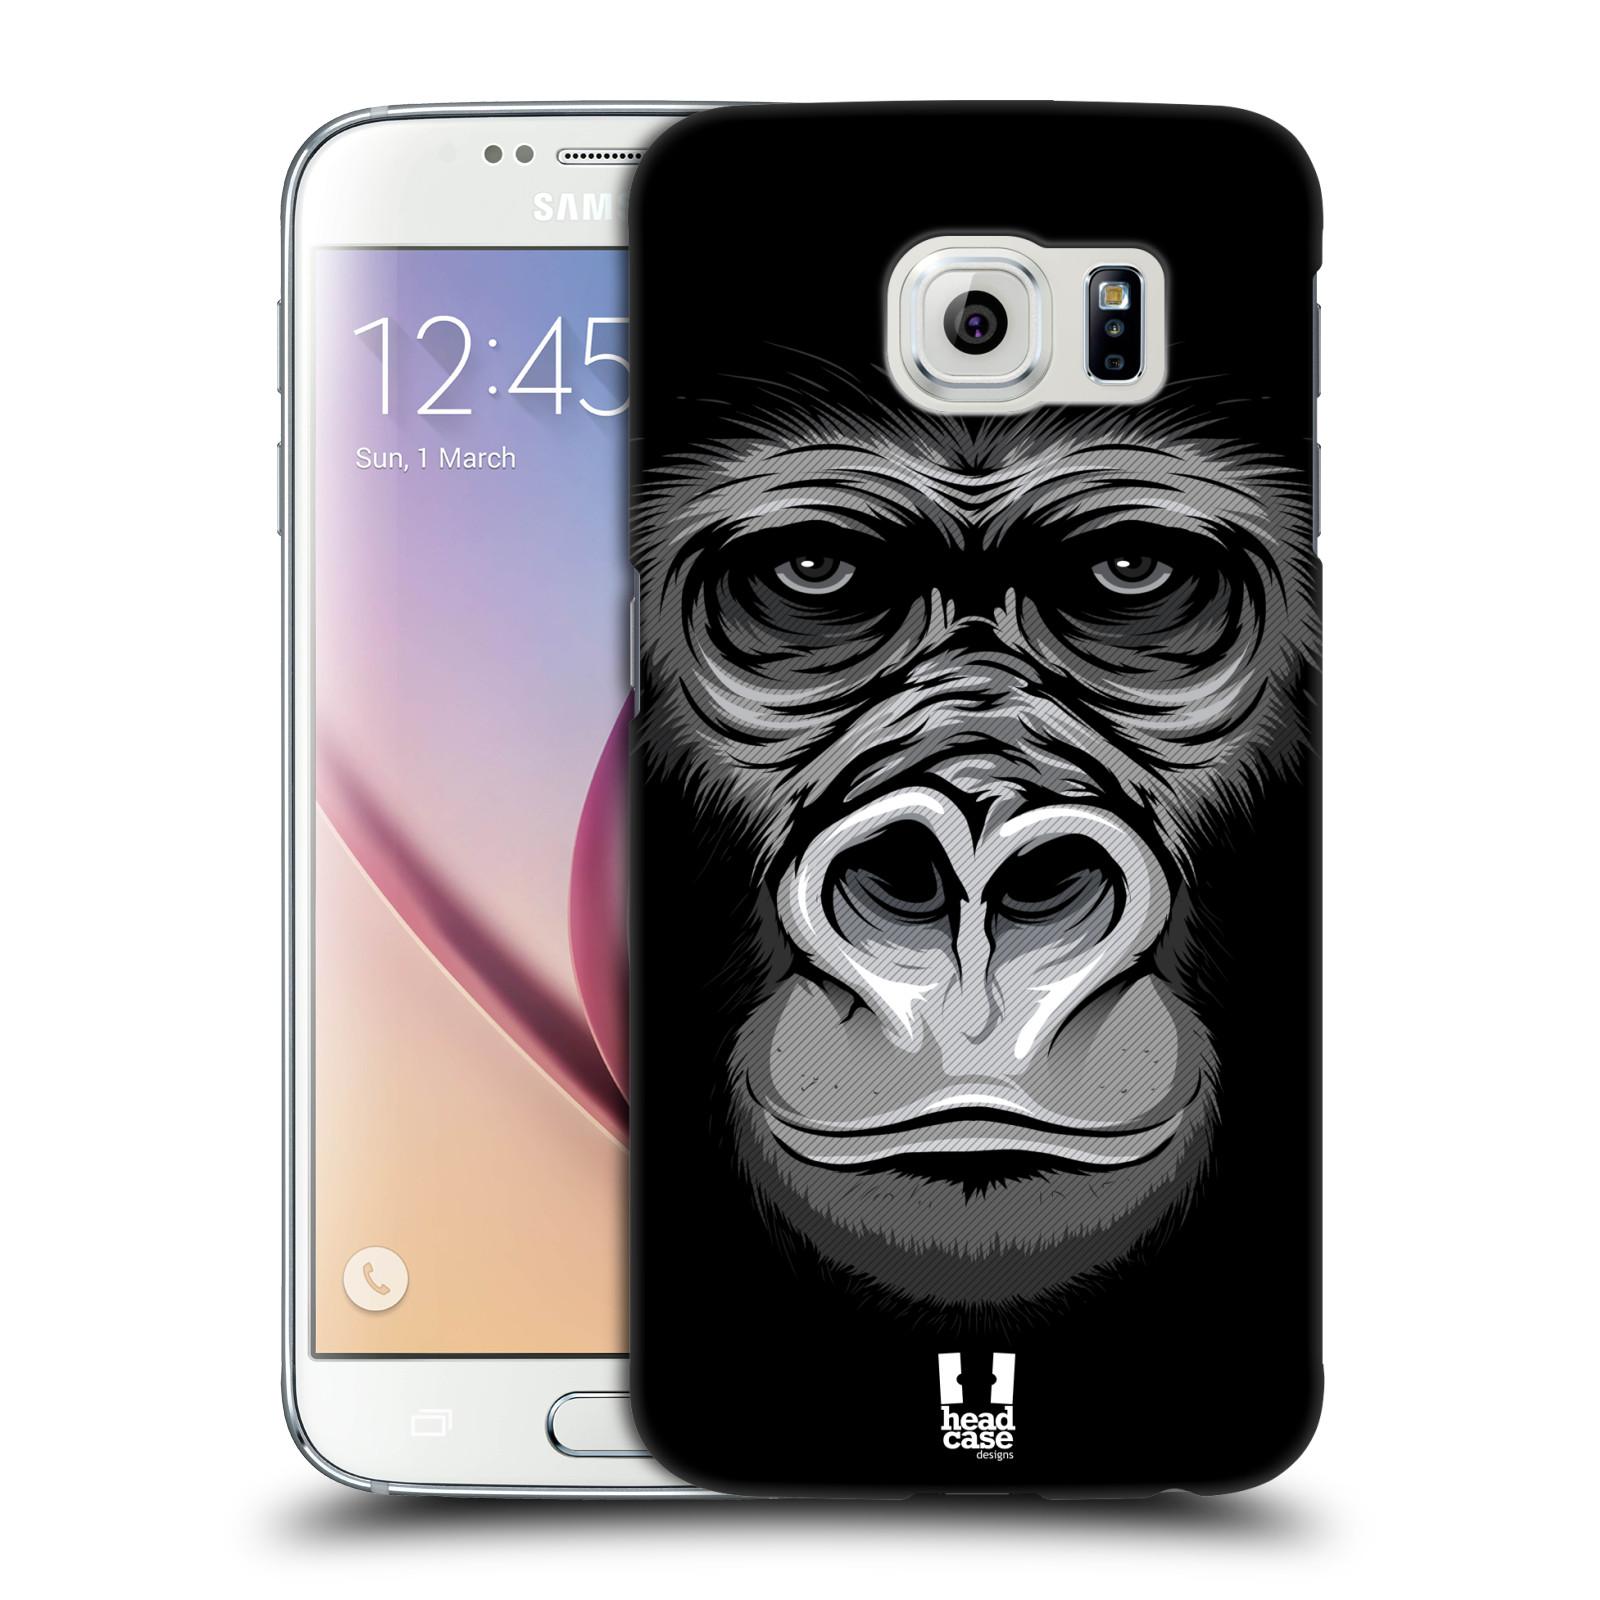 HEAD CASE plastový obal na mobil SAMSUNG Galaxy S6 (G9200, G920F) vzor Zvíře kreslená tvář 2 gorila